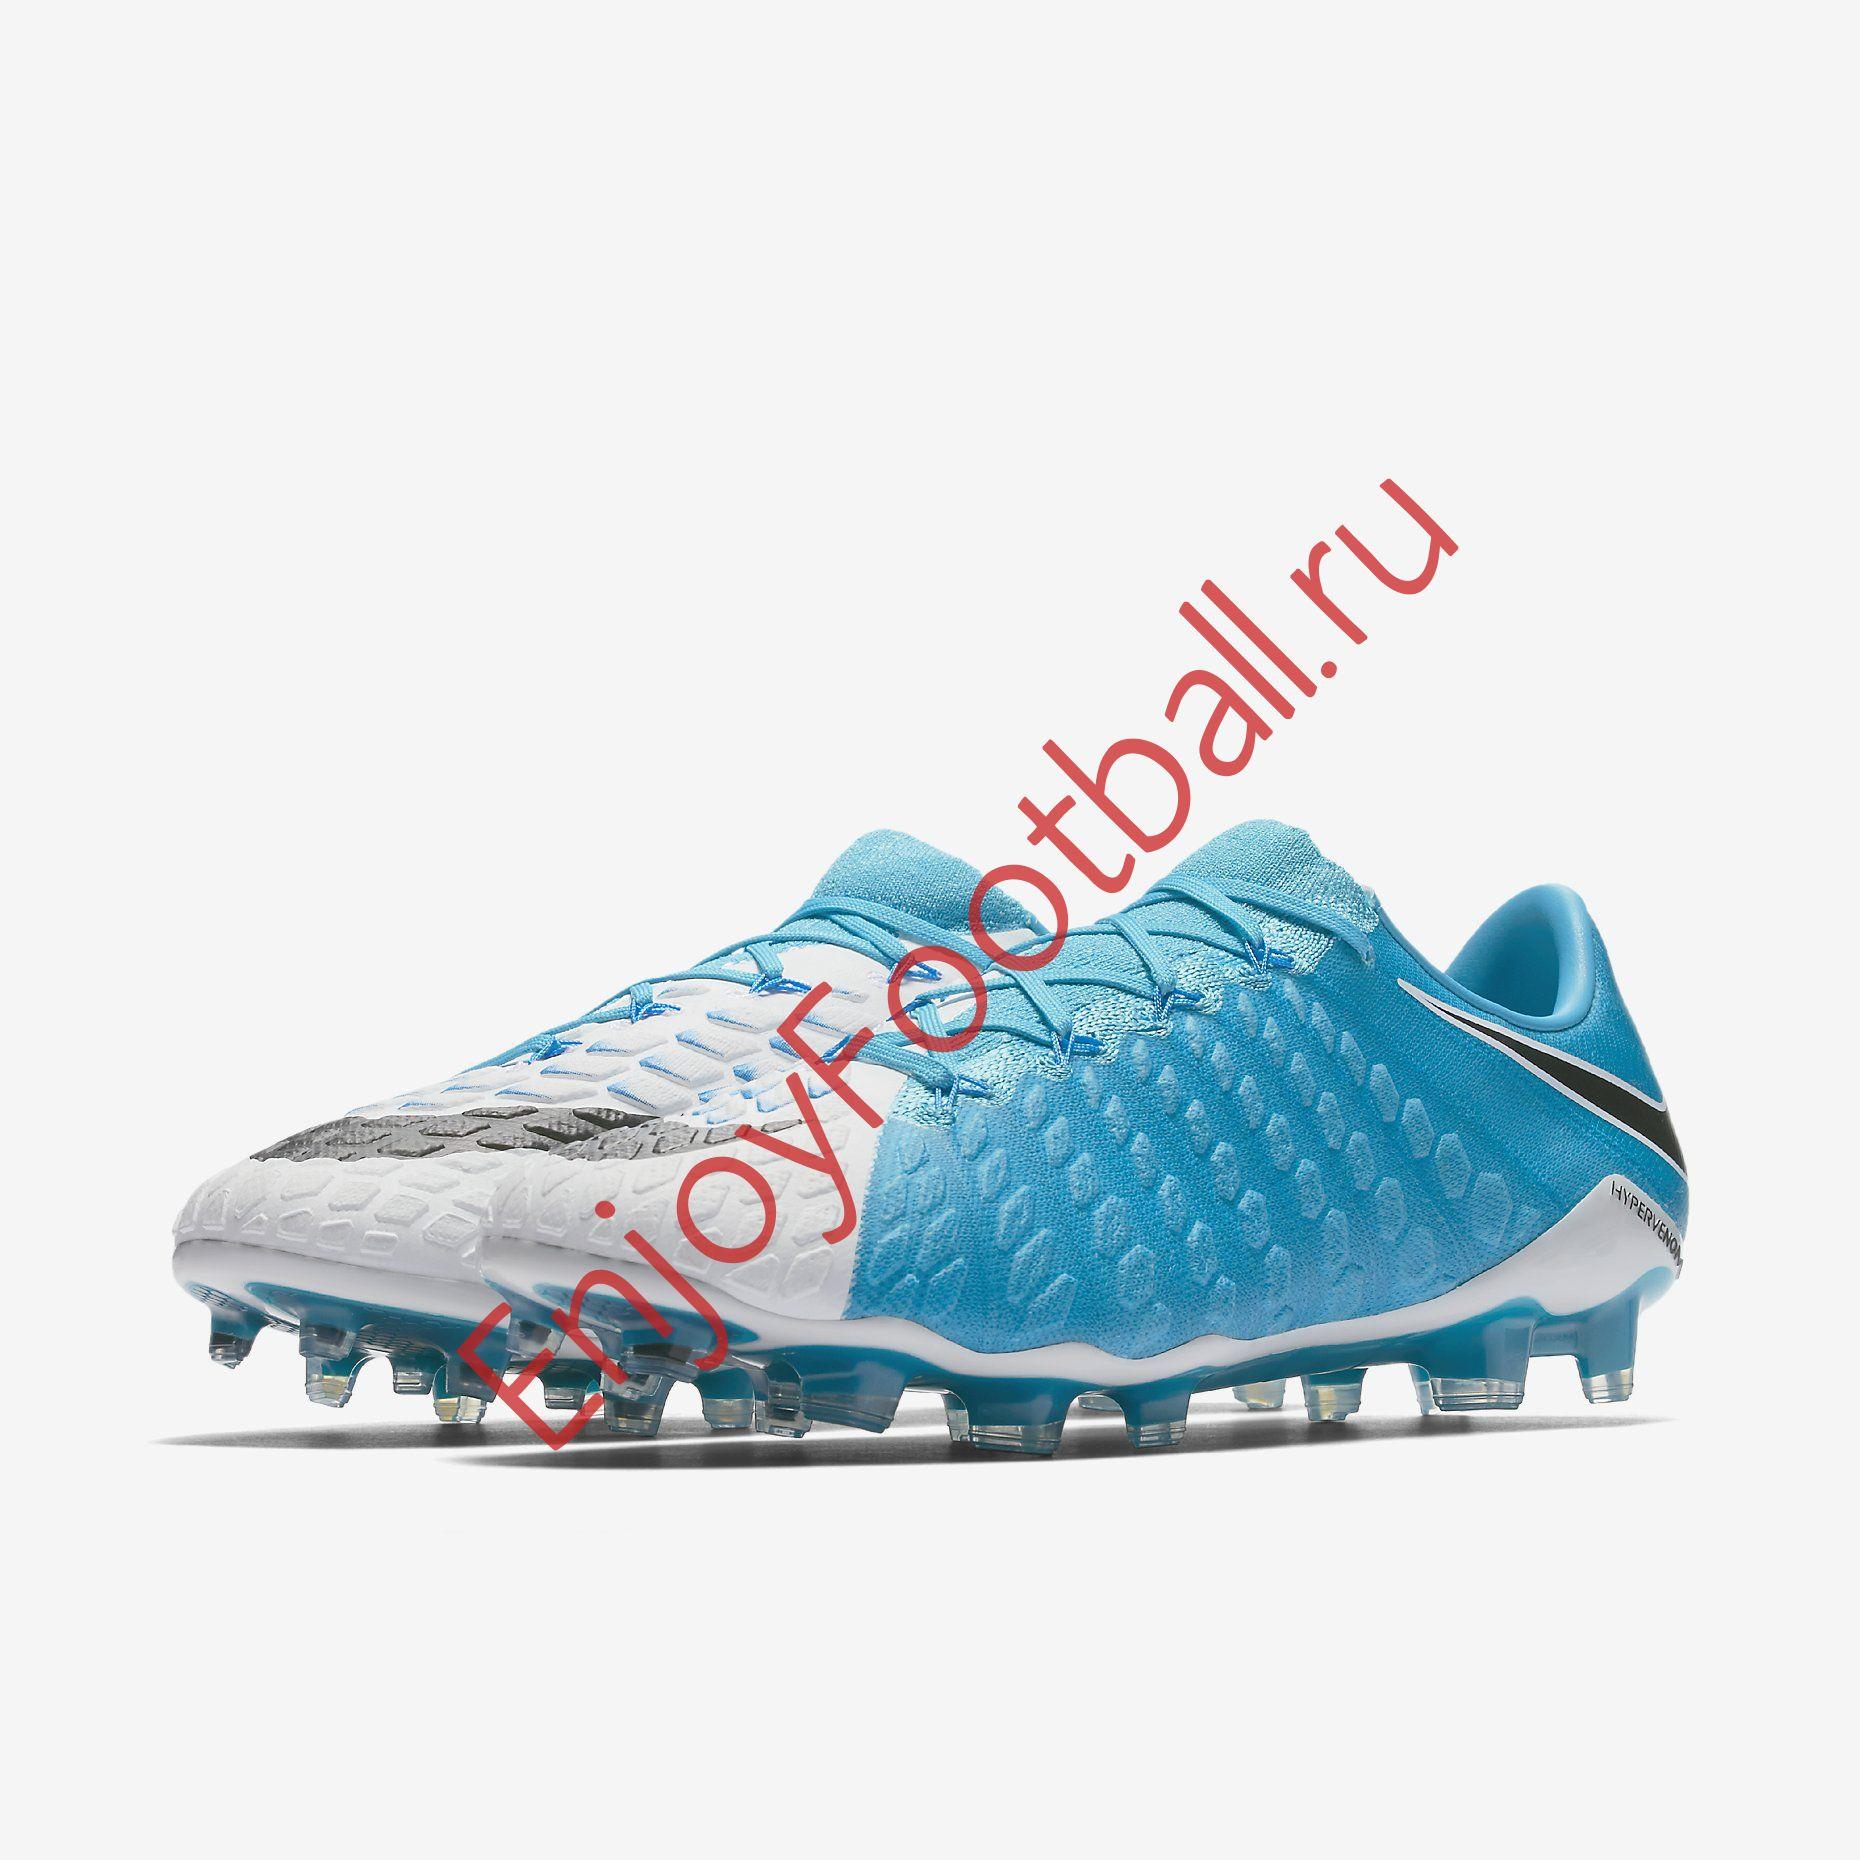 Бутсы NIKE HYPERVENOM PHANTOM 3 FG 852567 - купить бутсы Nike Гипервеном  Фантом недорого в Москве ... adb703475f6